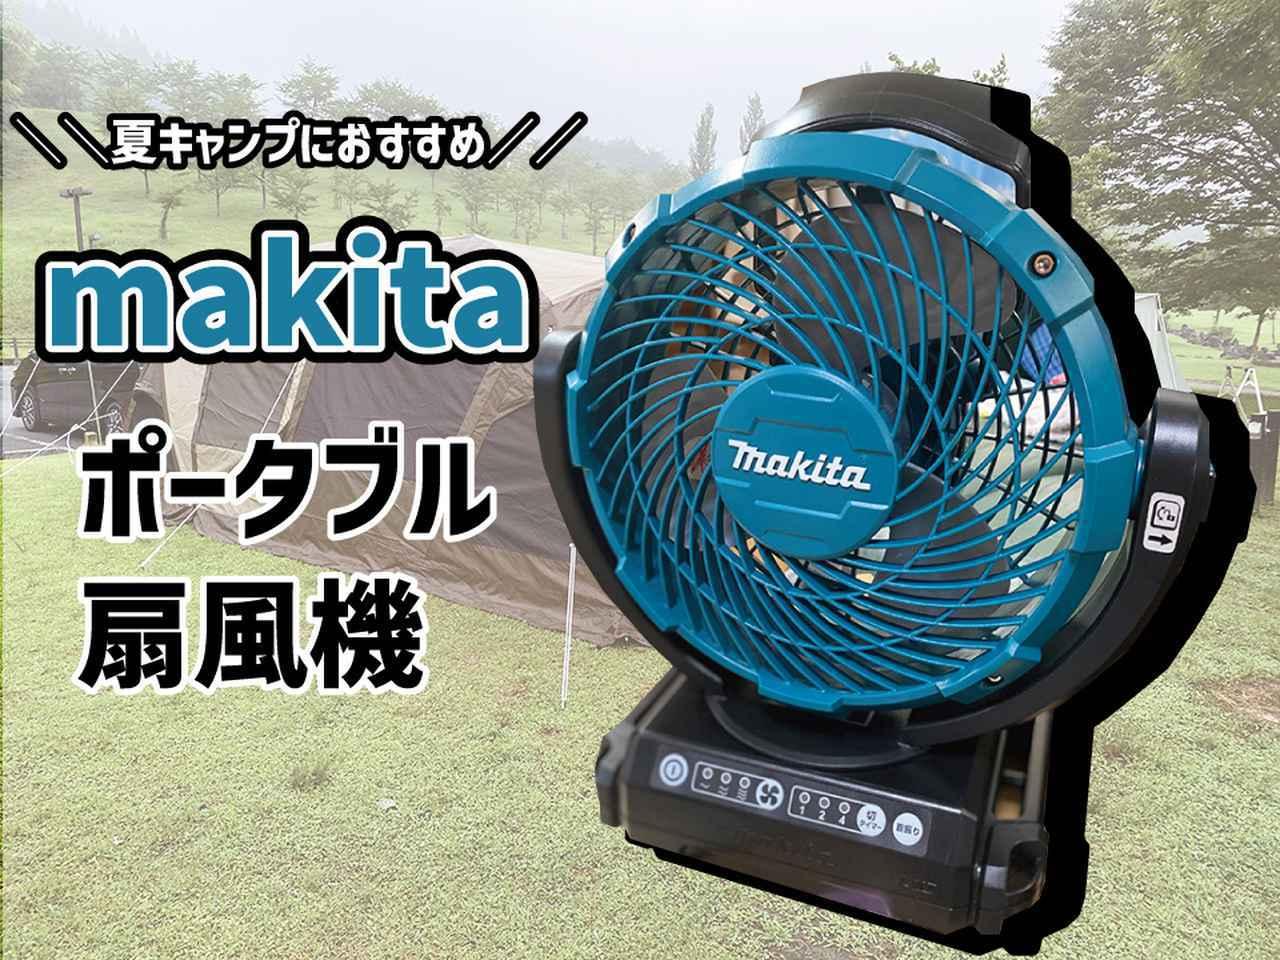 画像: 【大注目!夏キャンプ快適ギア】バッテリ充電式「マキタ製品」を徹底紹介!扇風機からポータブル冷蔵庫まで - ハピキャン|キャンプ・アウトドア情報メディア